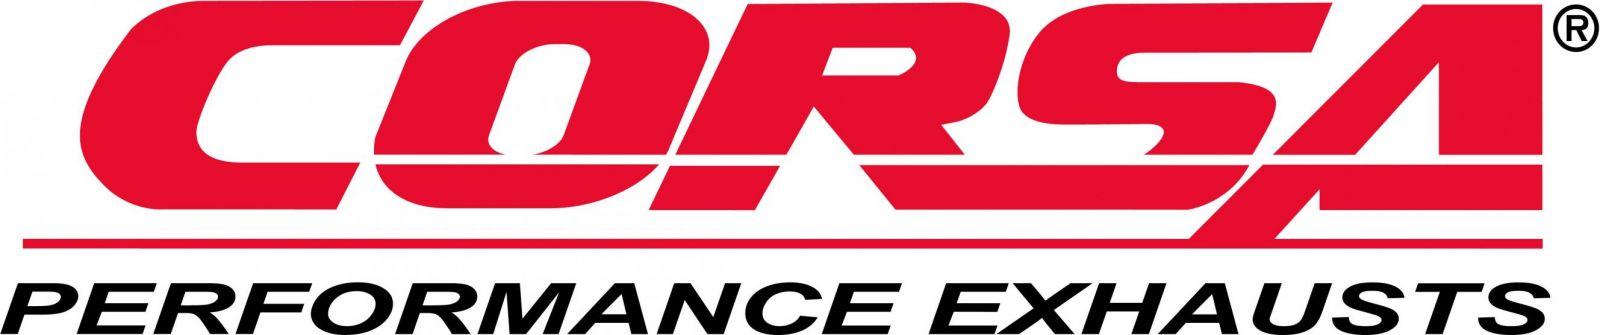 Corsa logo